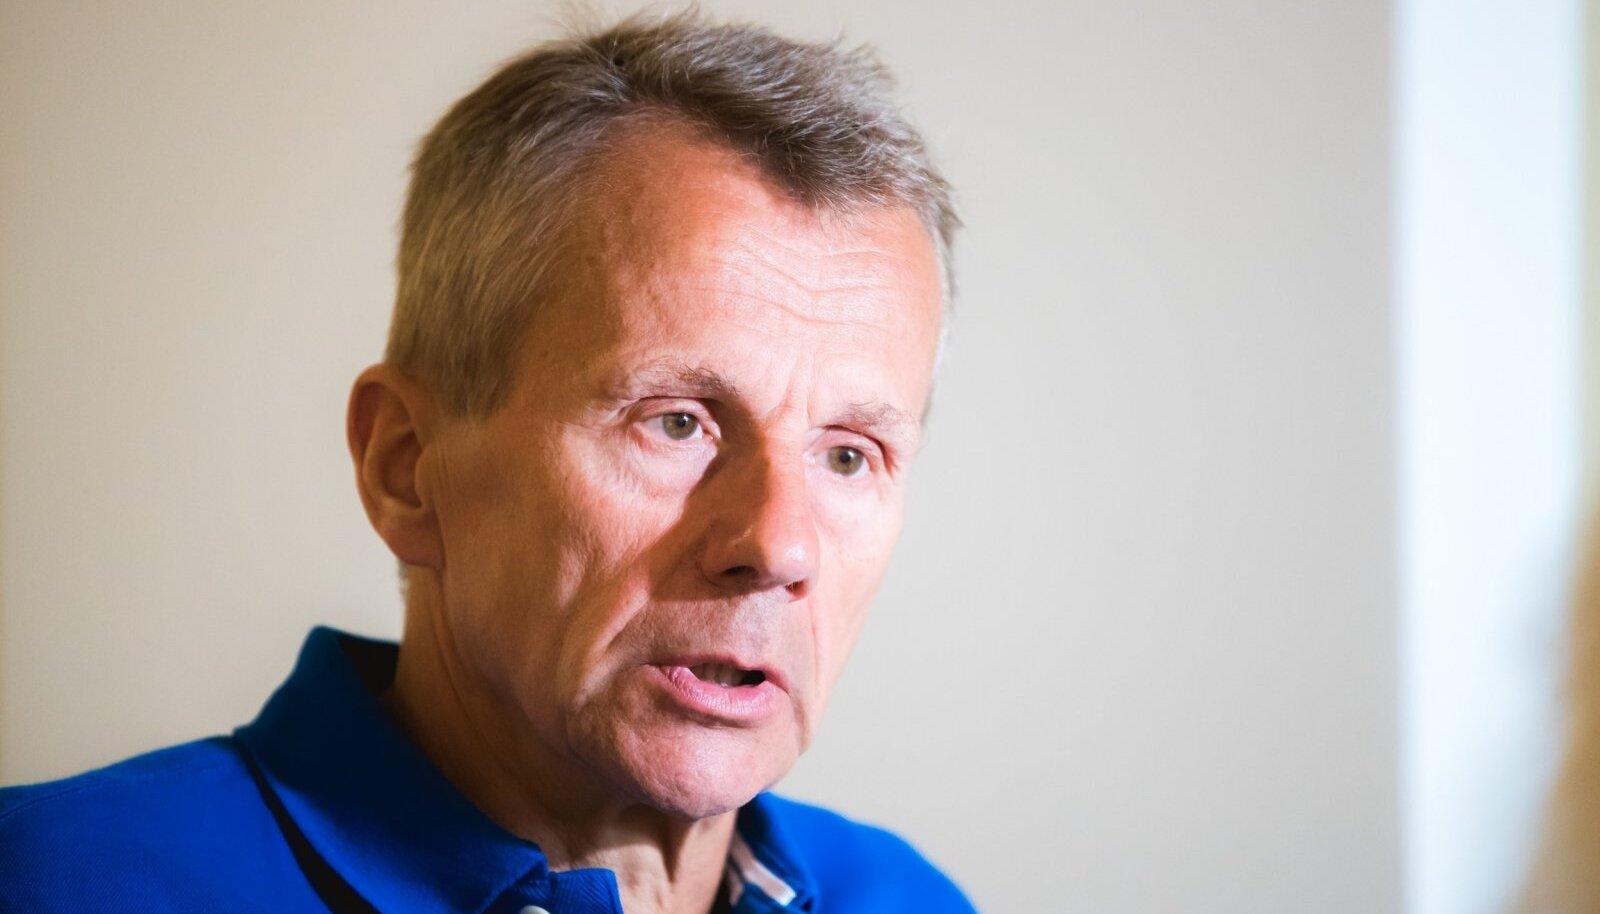 """Ligi silmis poleks Eesti valitsus tohtinud """"rootslastest filmitegijate manipulatsioonidega kaasa joosta""""."""